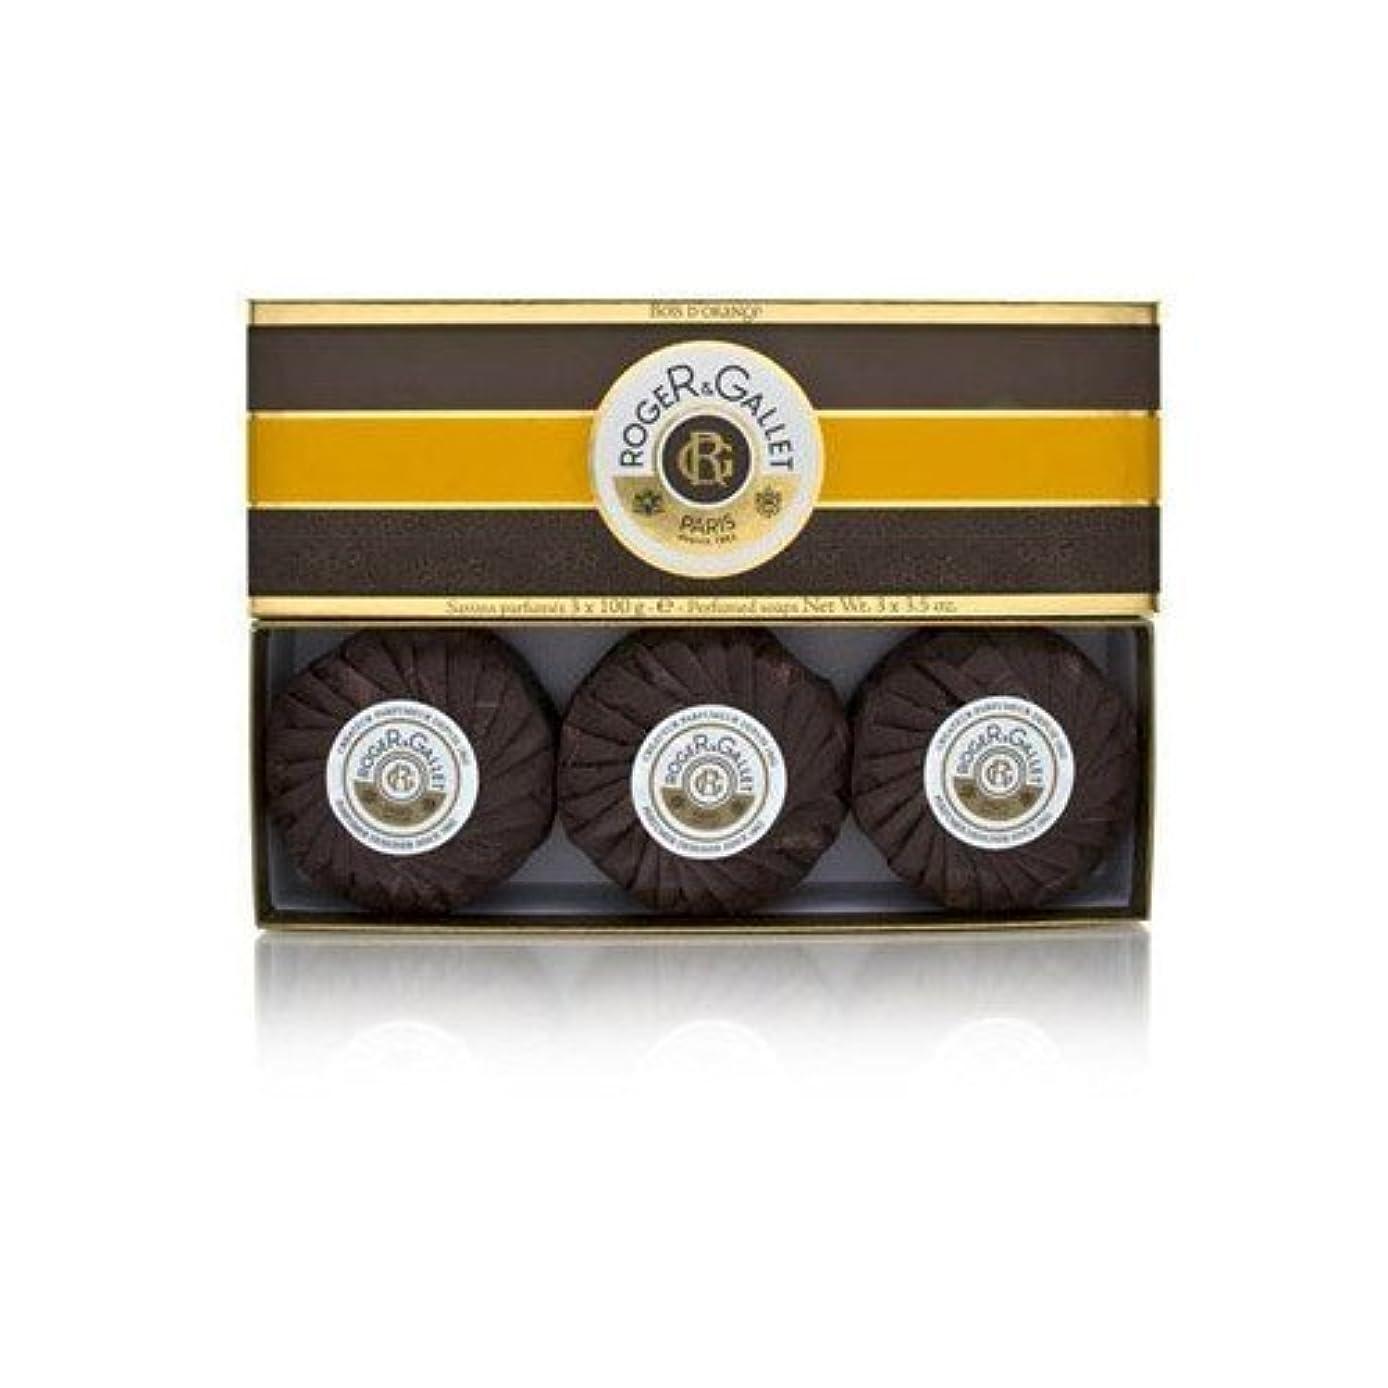 モデレータ生息地事件、出来事ロジェガレ ボワ ドランジュ (オレンジツリー) 香水石鹸3個セット ROGER&GALLET BOIS D'ORANGE PERFUMED SOAP [0161]